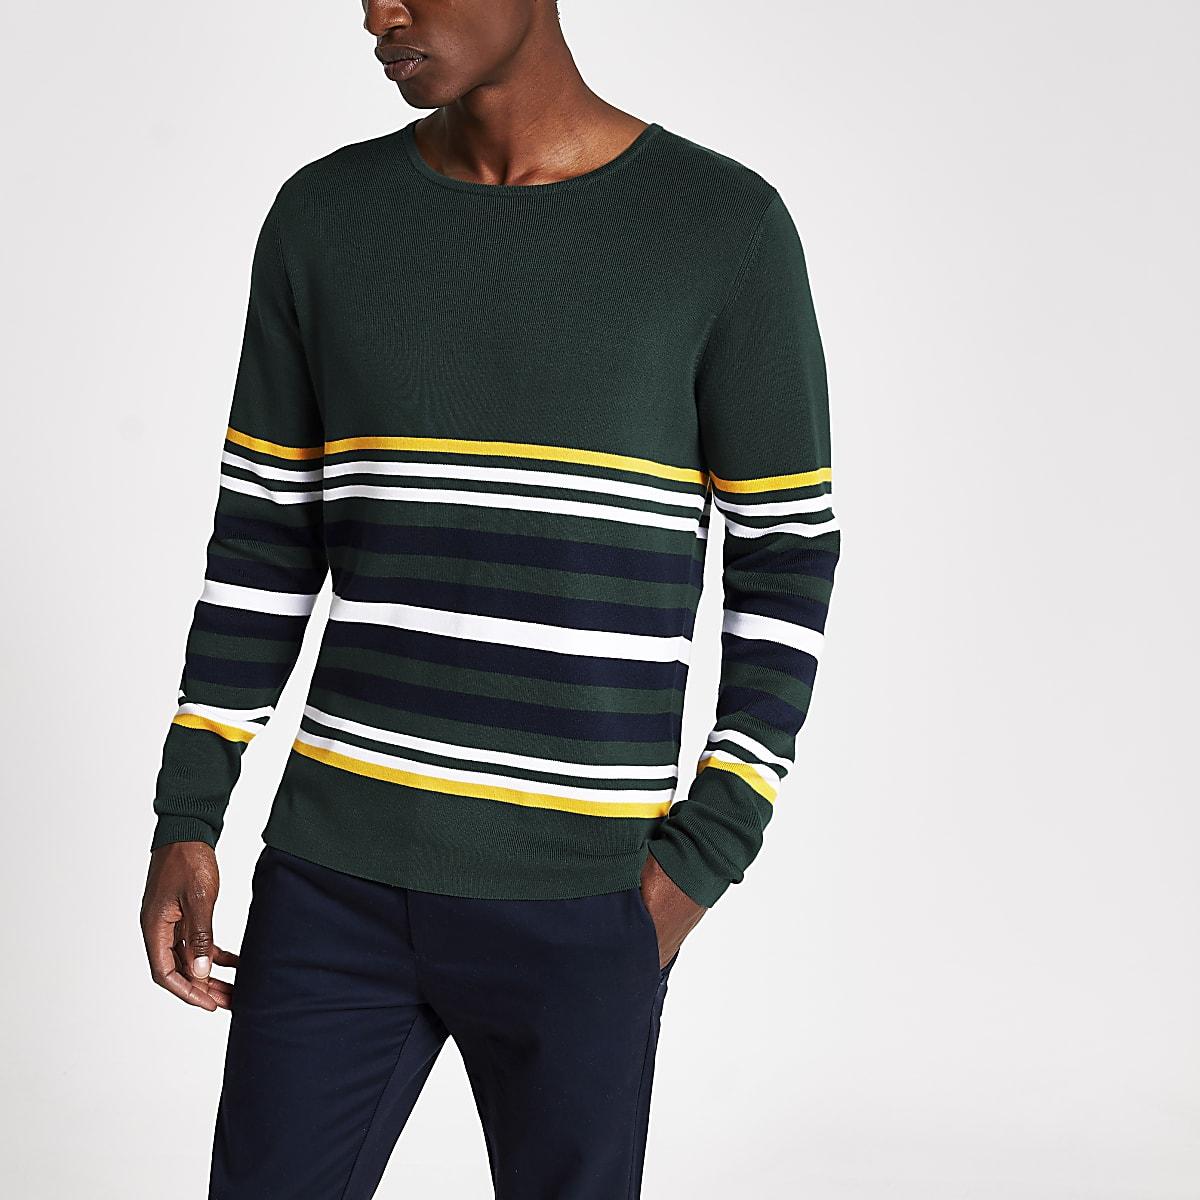 Selected Homme - Donkergroene gestreepte pullover